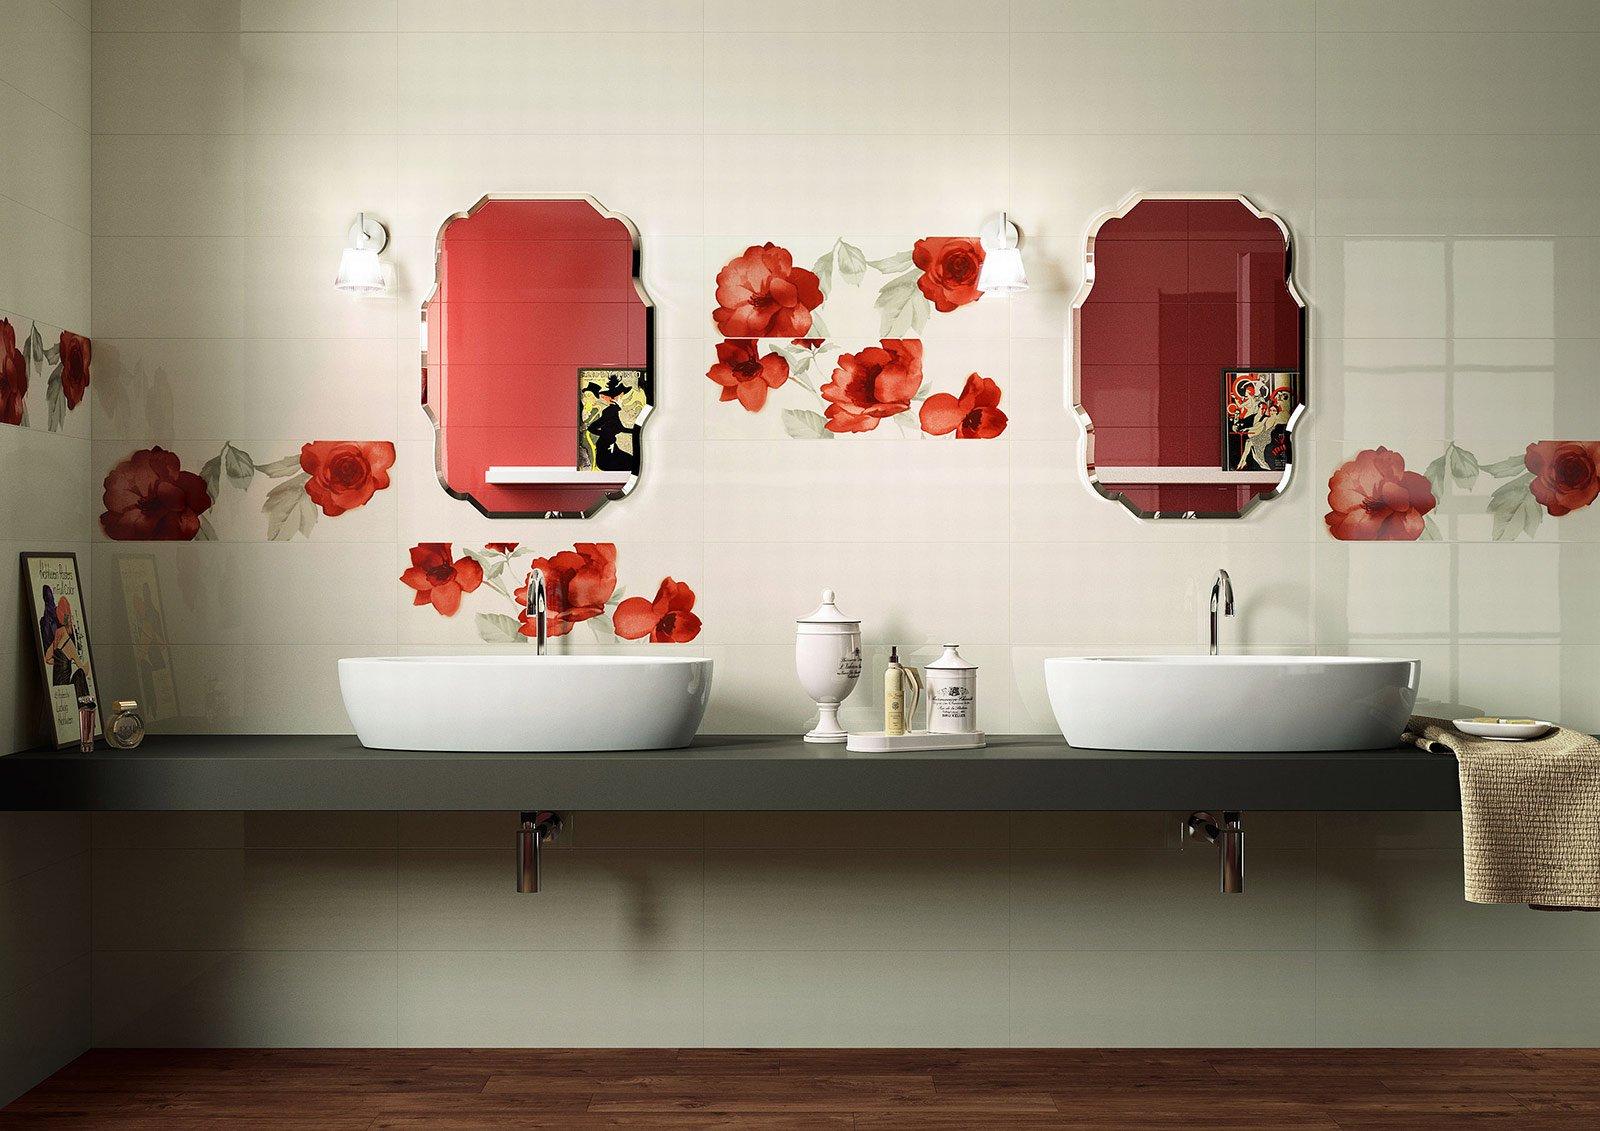 Piastrelle rivestimenti d effetto a parete cose di casa - Piastrelle parete ...